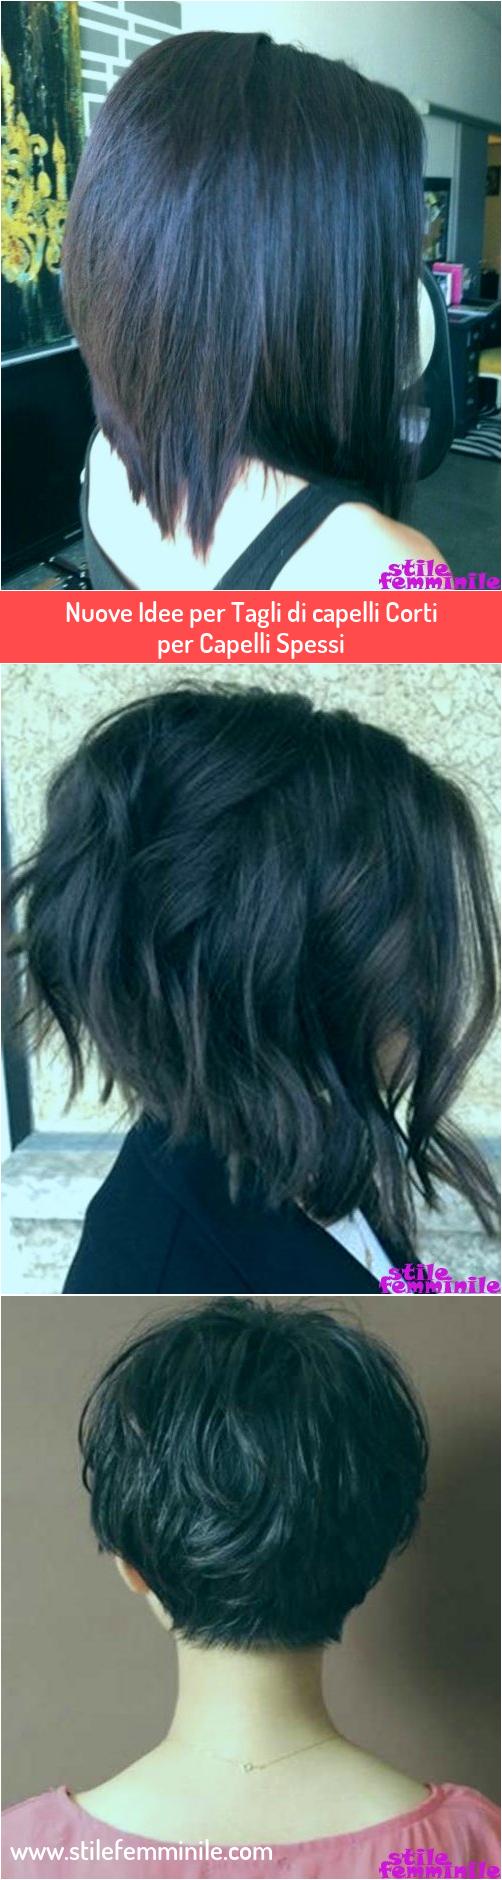 Photo of Nuove idee per tagli di capelli corti per capelli spessi